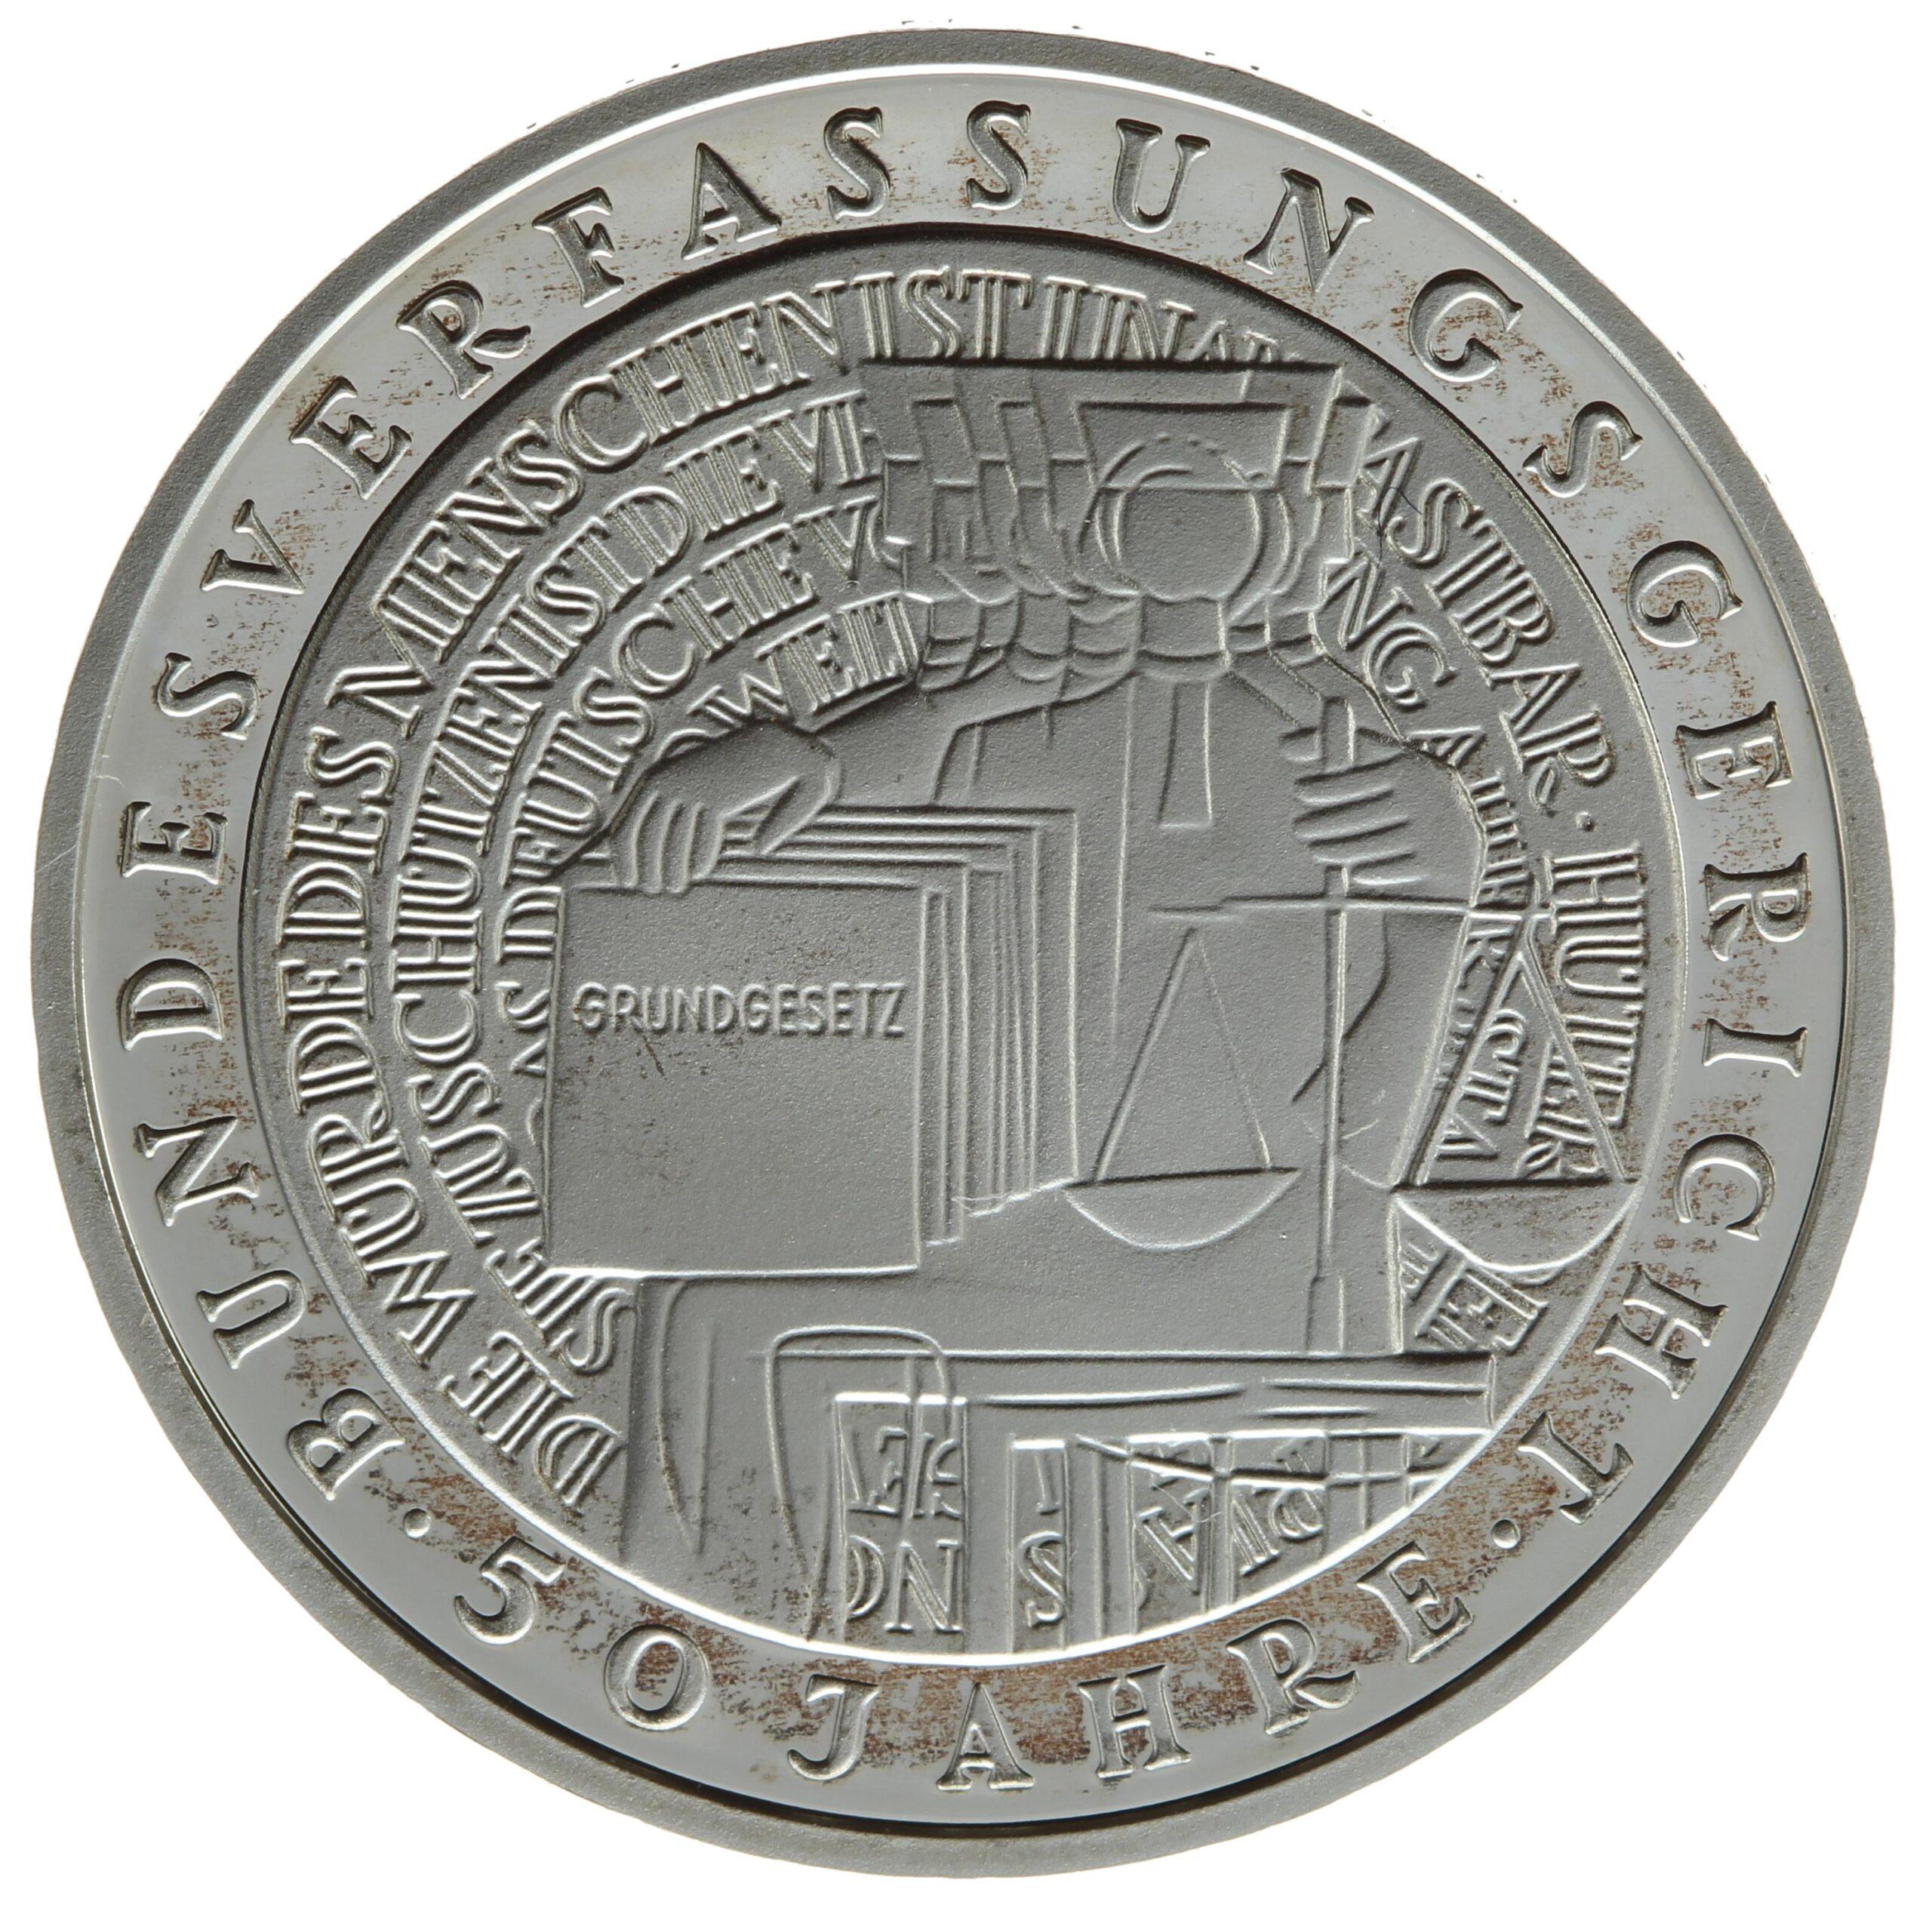 DE 10 Deutsche Mark 2001 F